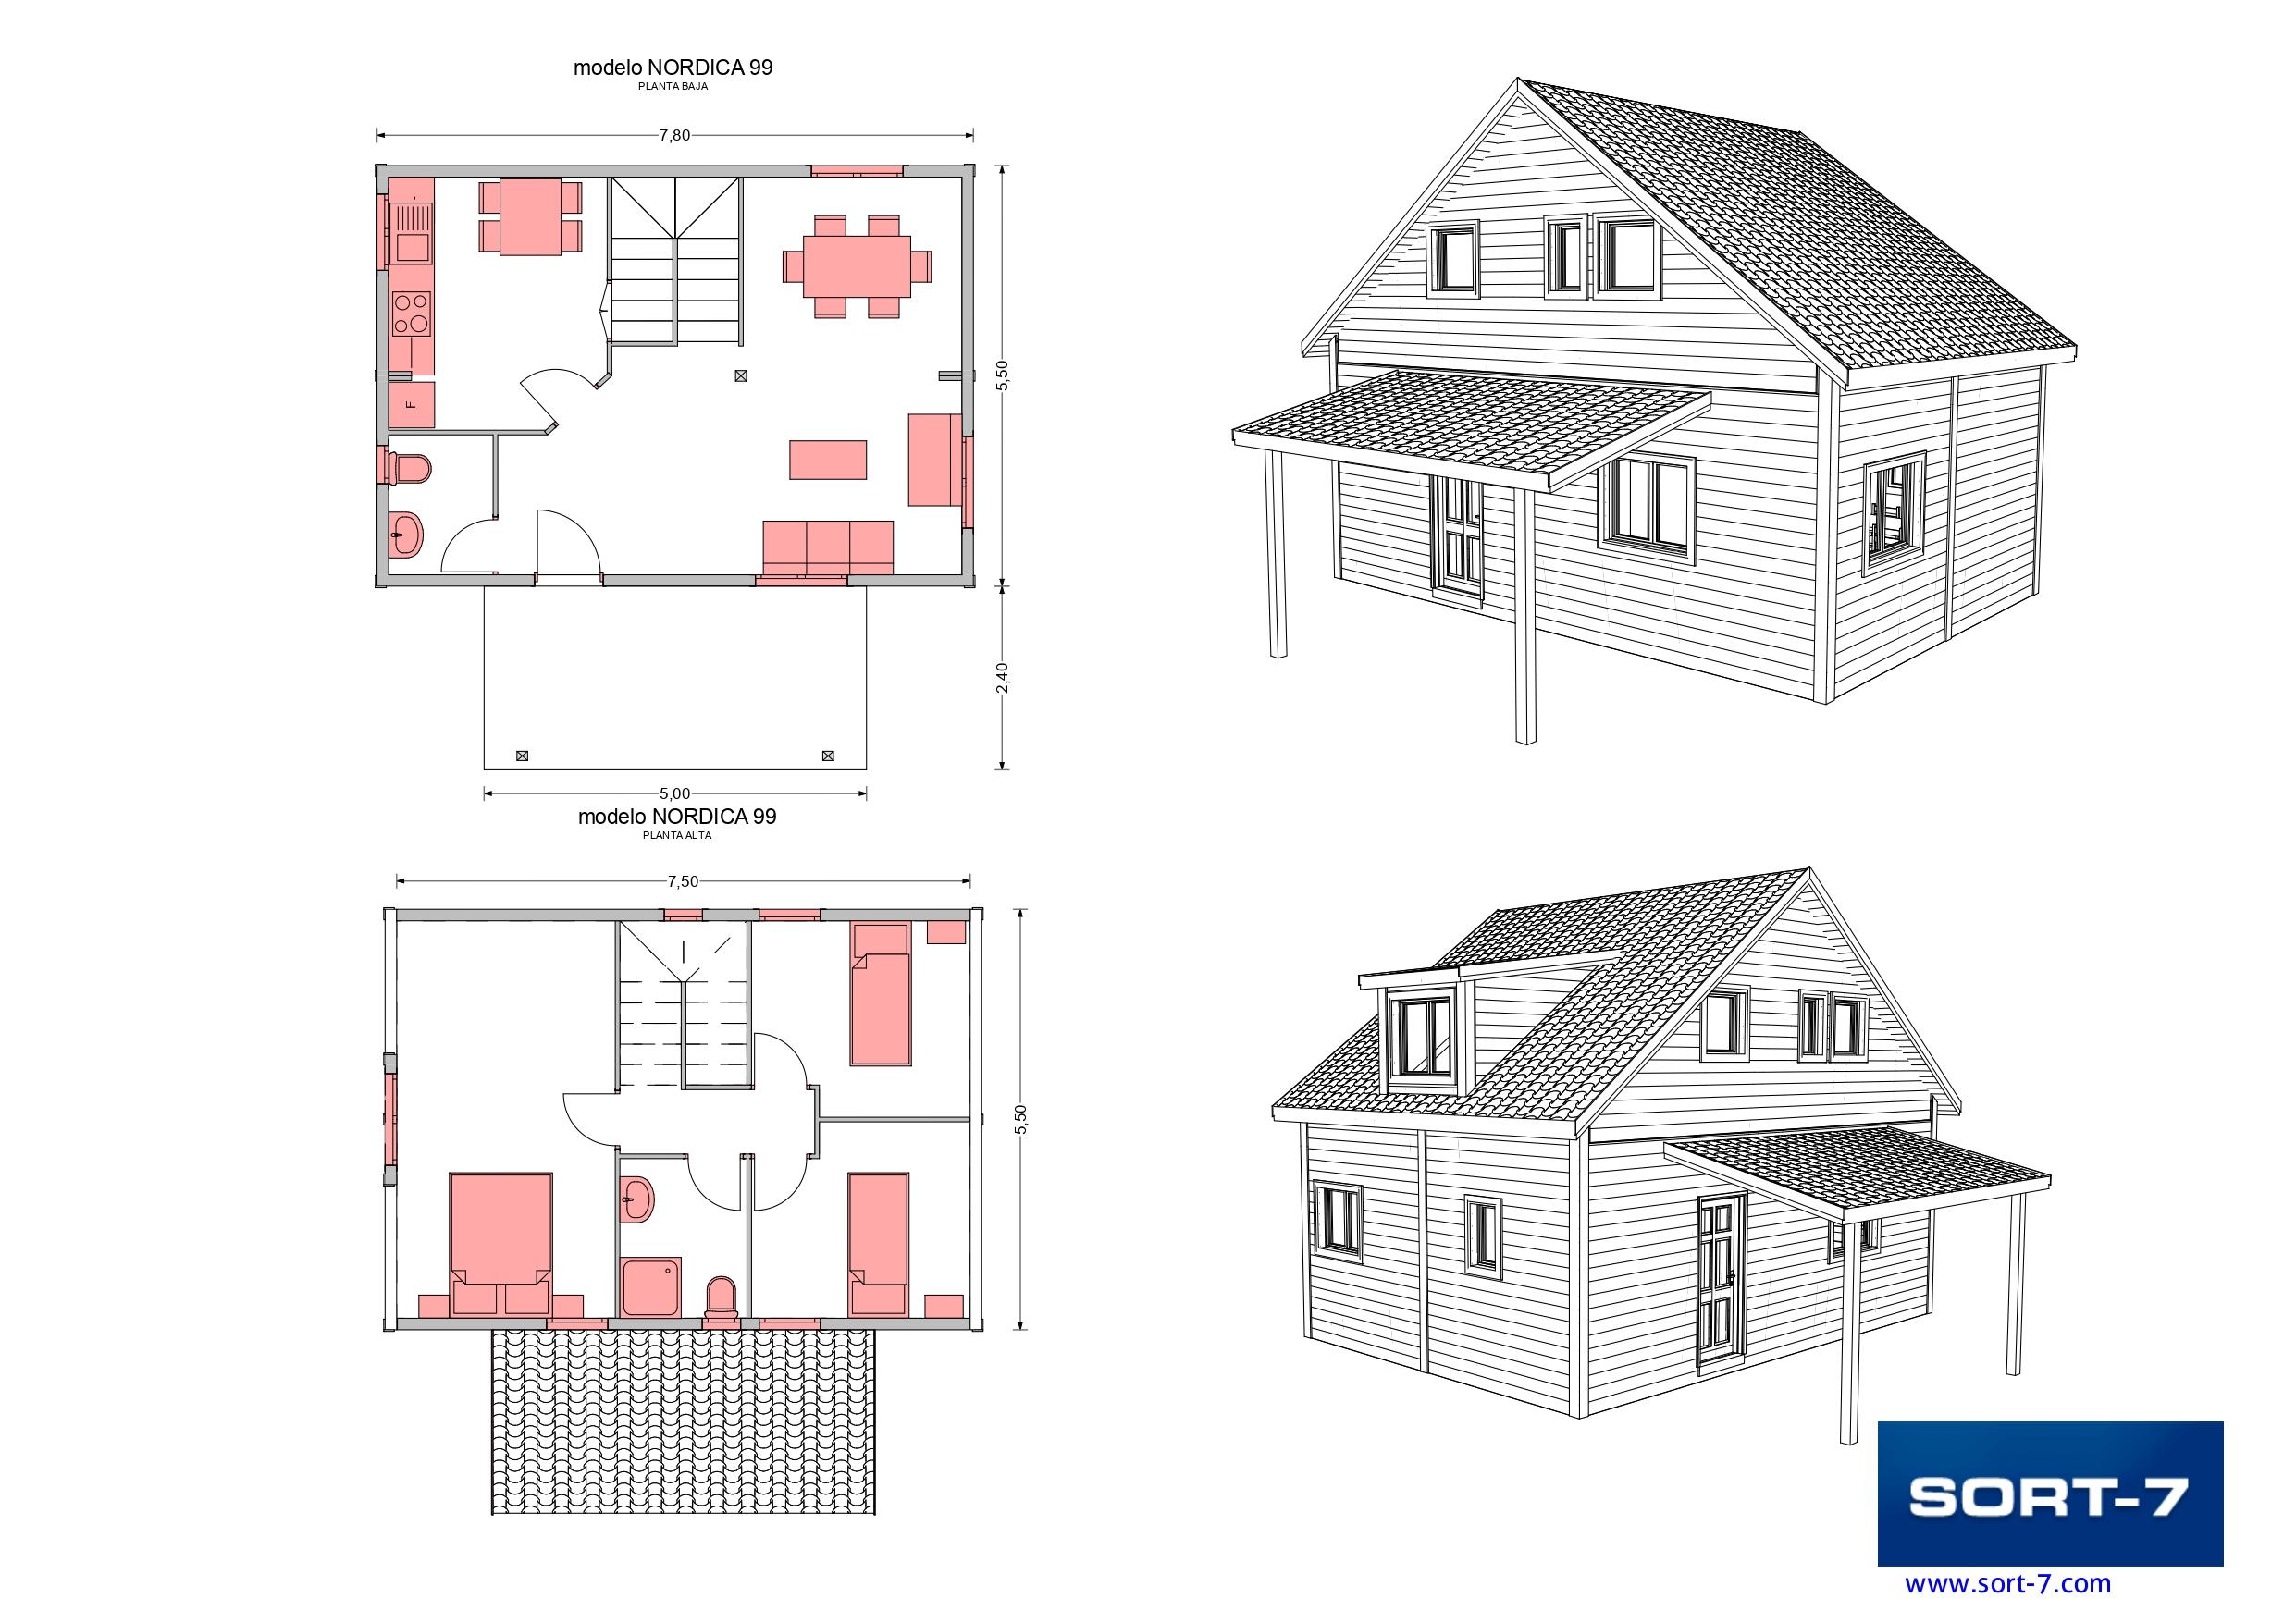 Solicitar presupuesto: Modelo 99m² Nórdica - 13744-99-NORDICA-vista19_page-0001.jpg